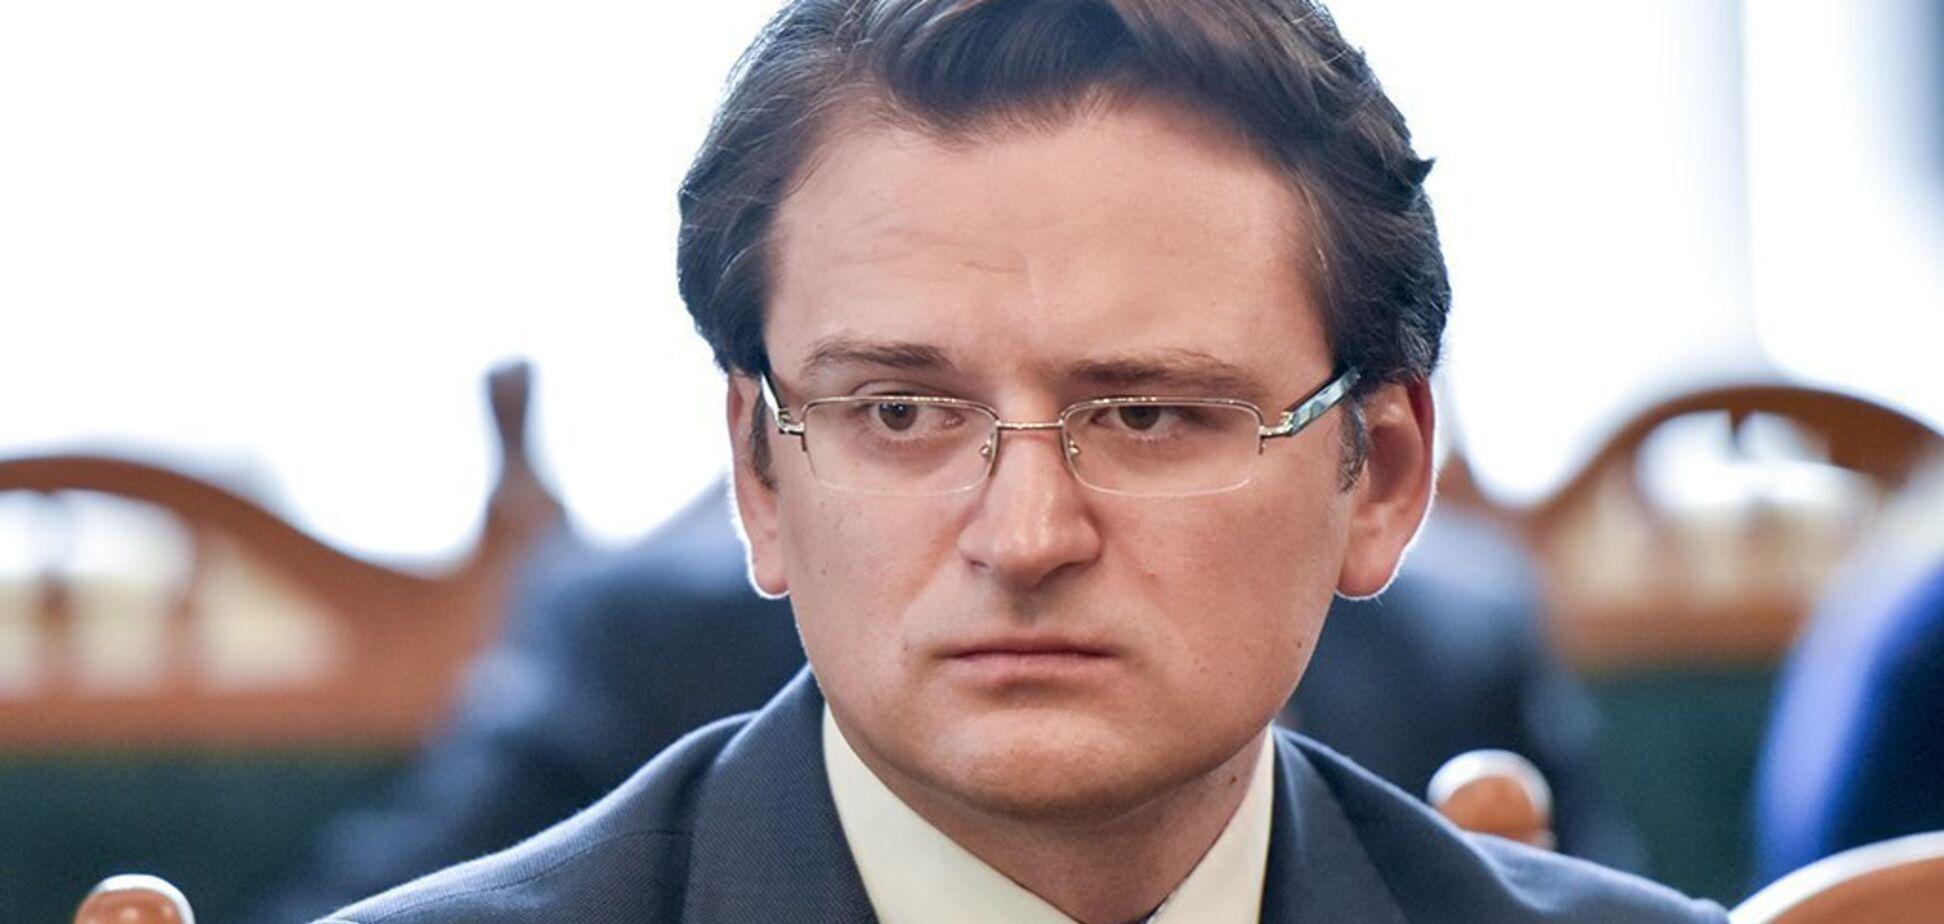 Вице-премьер высказался о двойном гражданстве в Украине